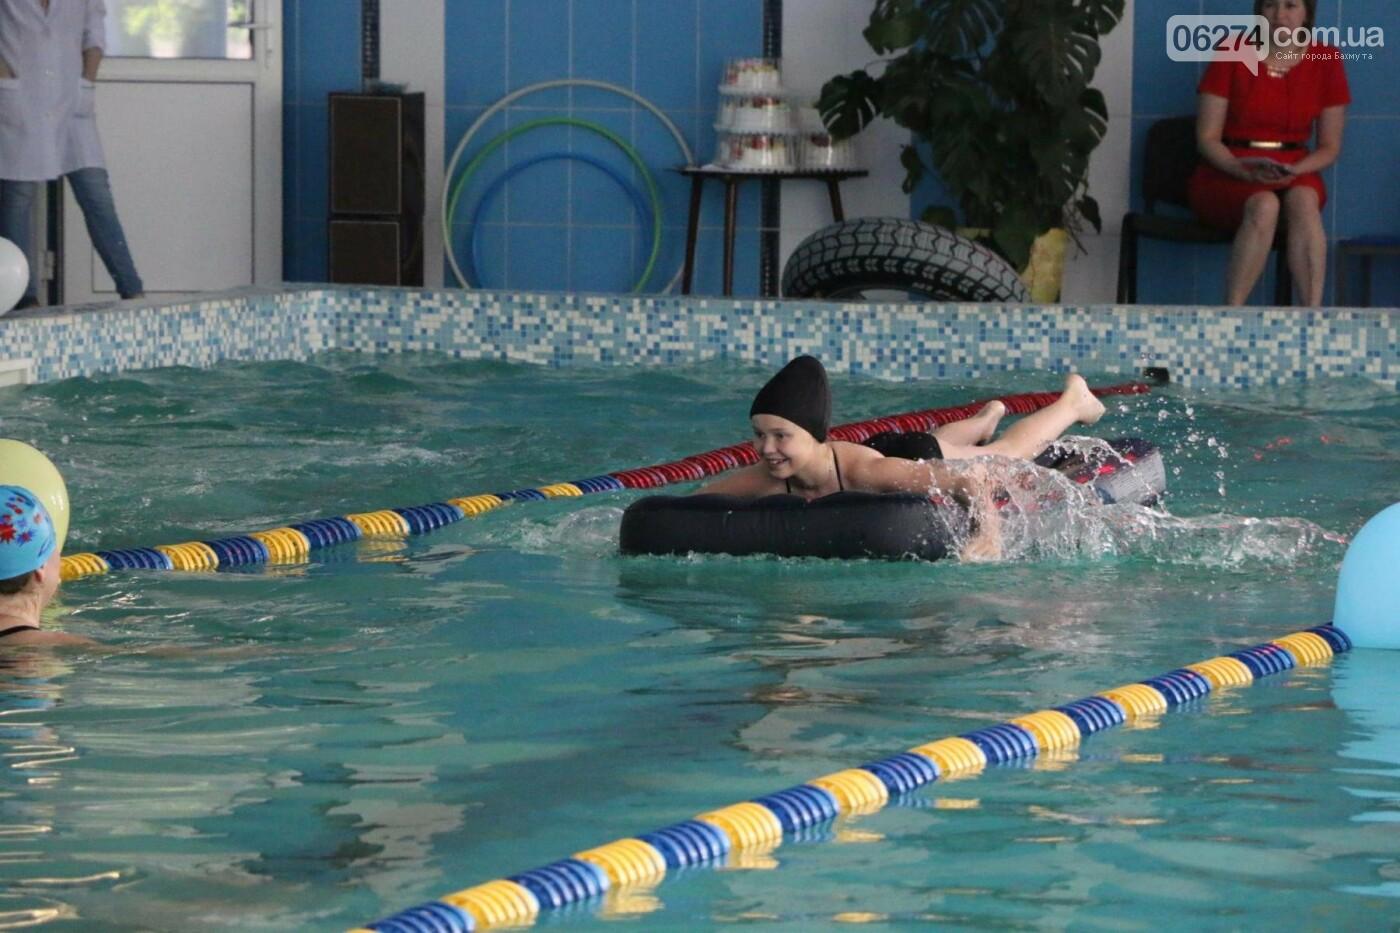 В Бахмуте ко Дню матери и Дню семьи провели семейный заплыв, фото-14